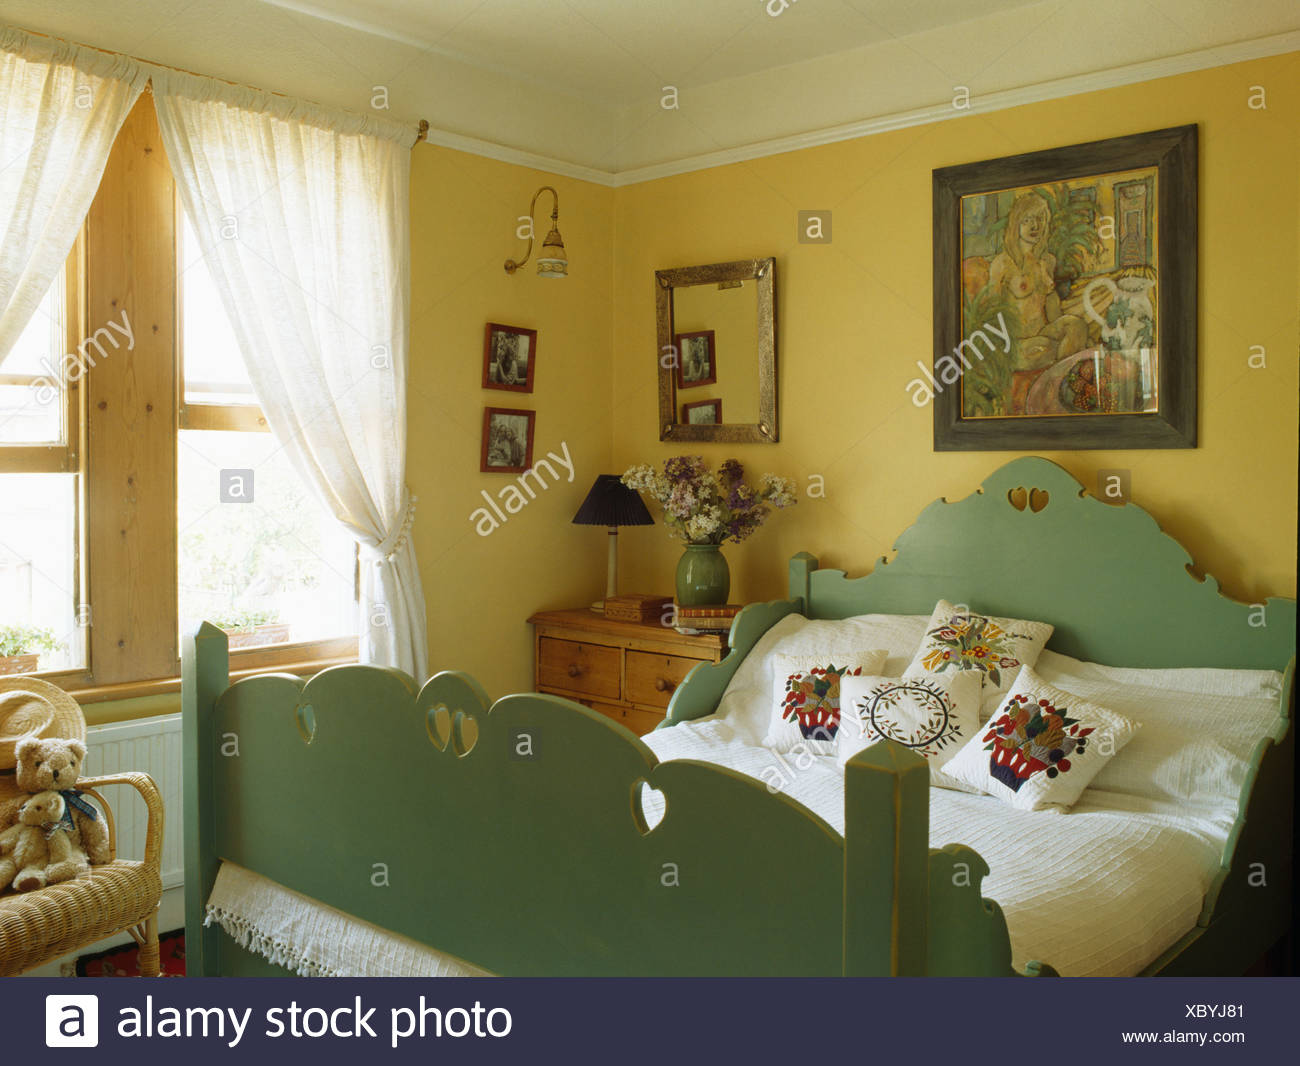 Bild An Der Wand Oben Grün Lackierten Holzbett Mit Bestickten Kissen Im  Gelben Schlafzimmer Mit Weißen Voile Vorhänge Am Fenster